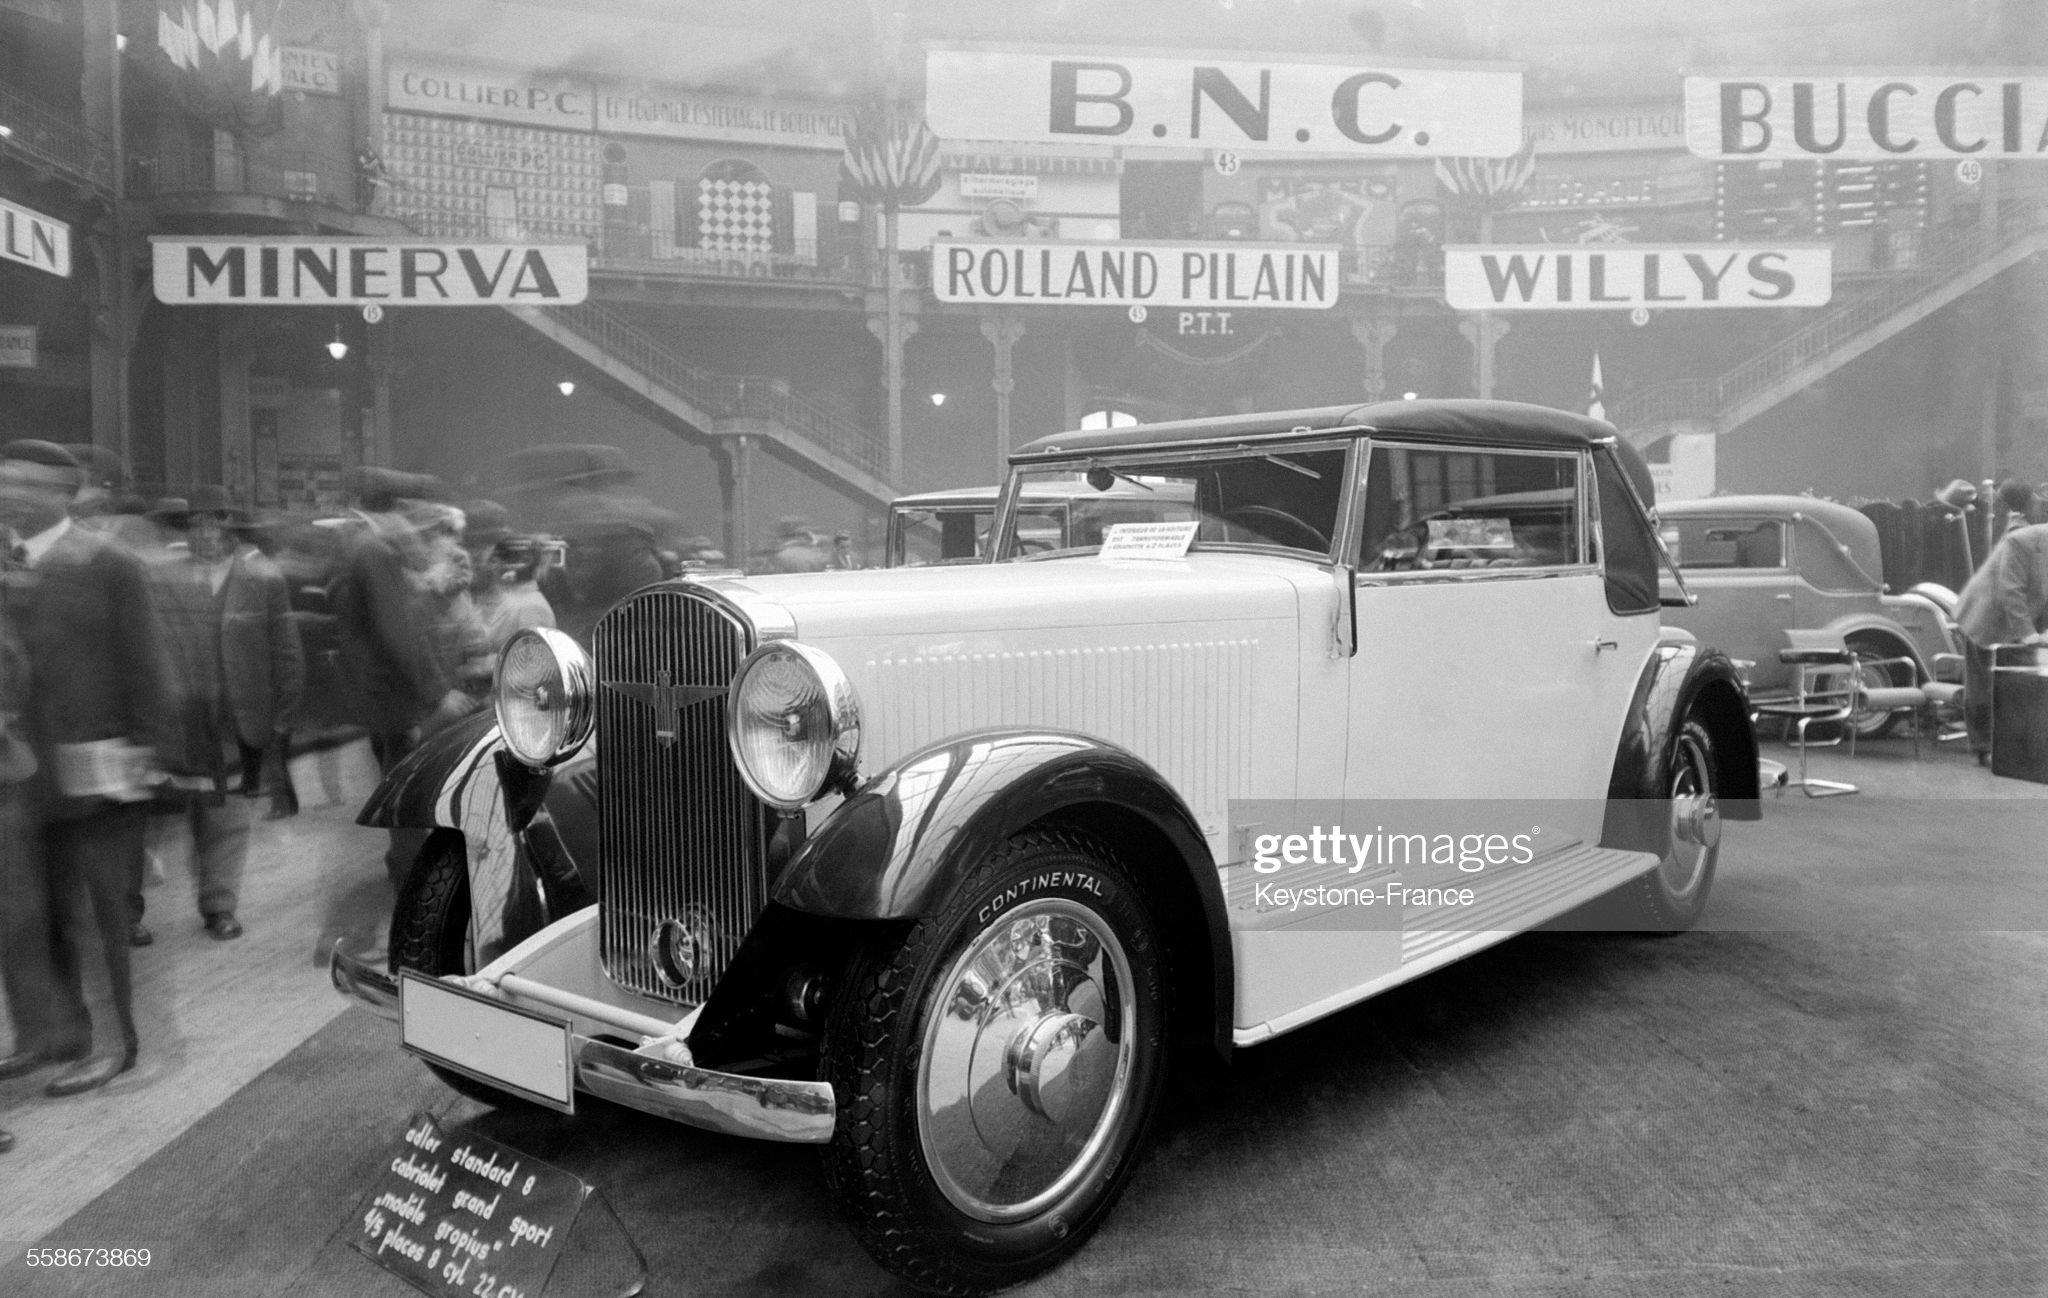 Salon de l'automobile : News Photo